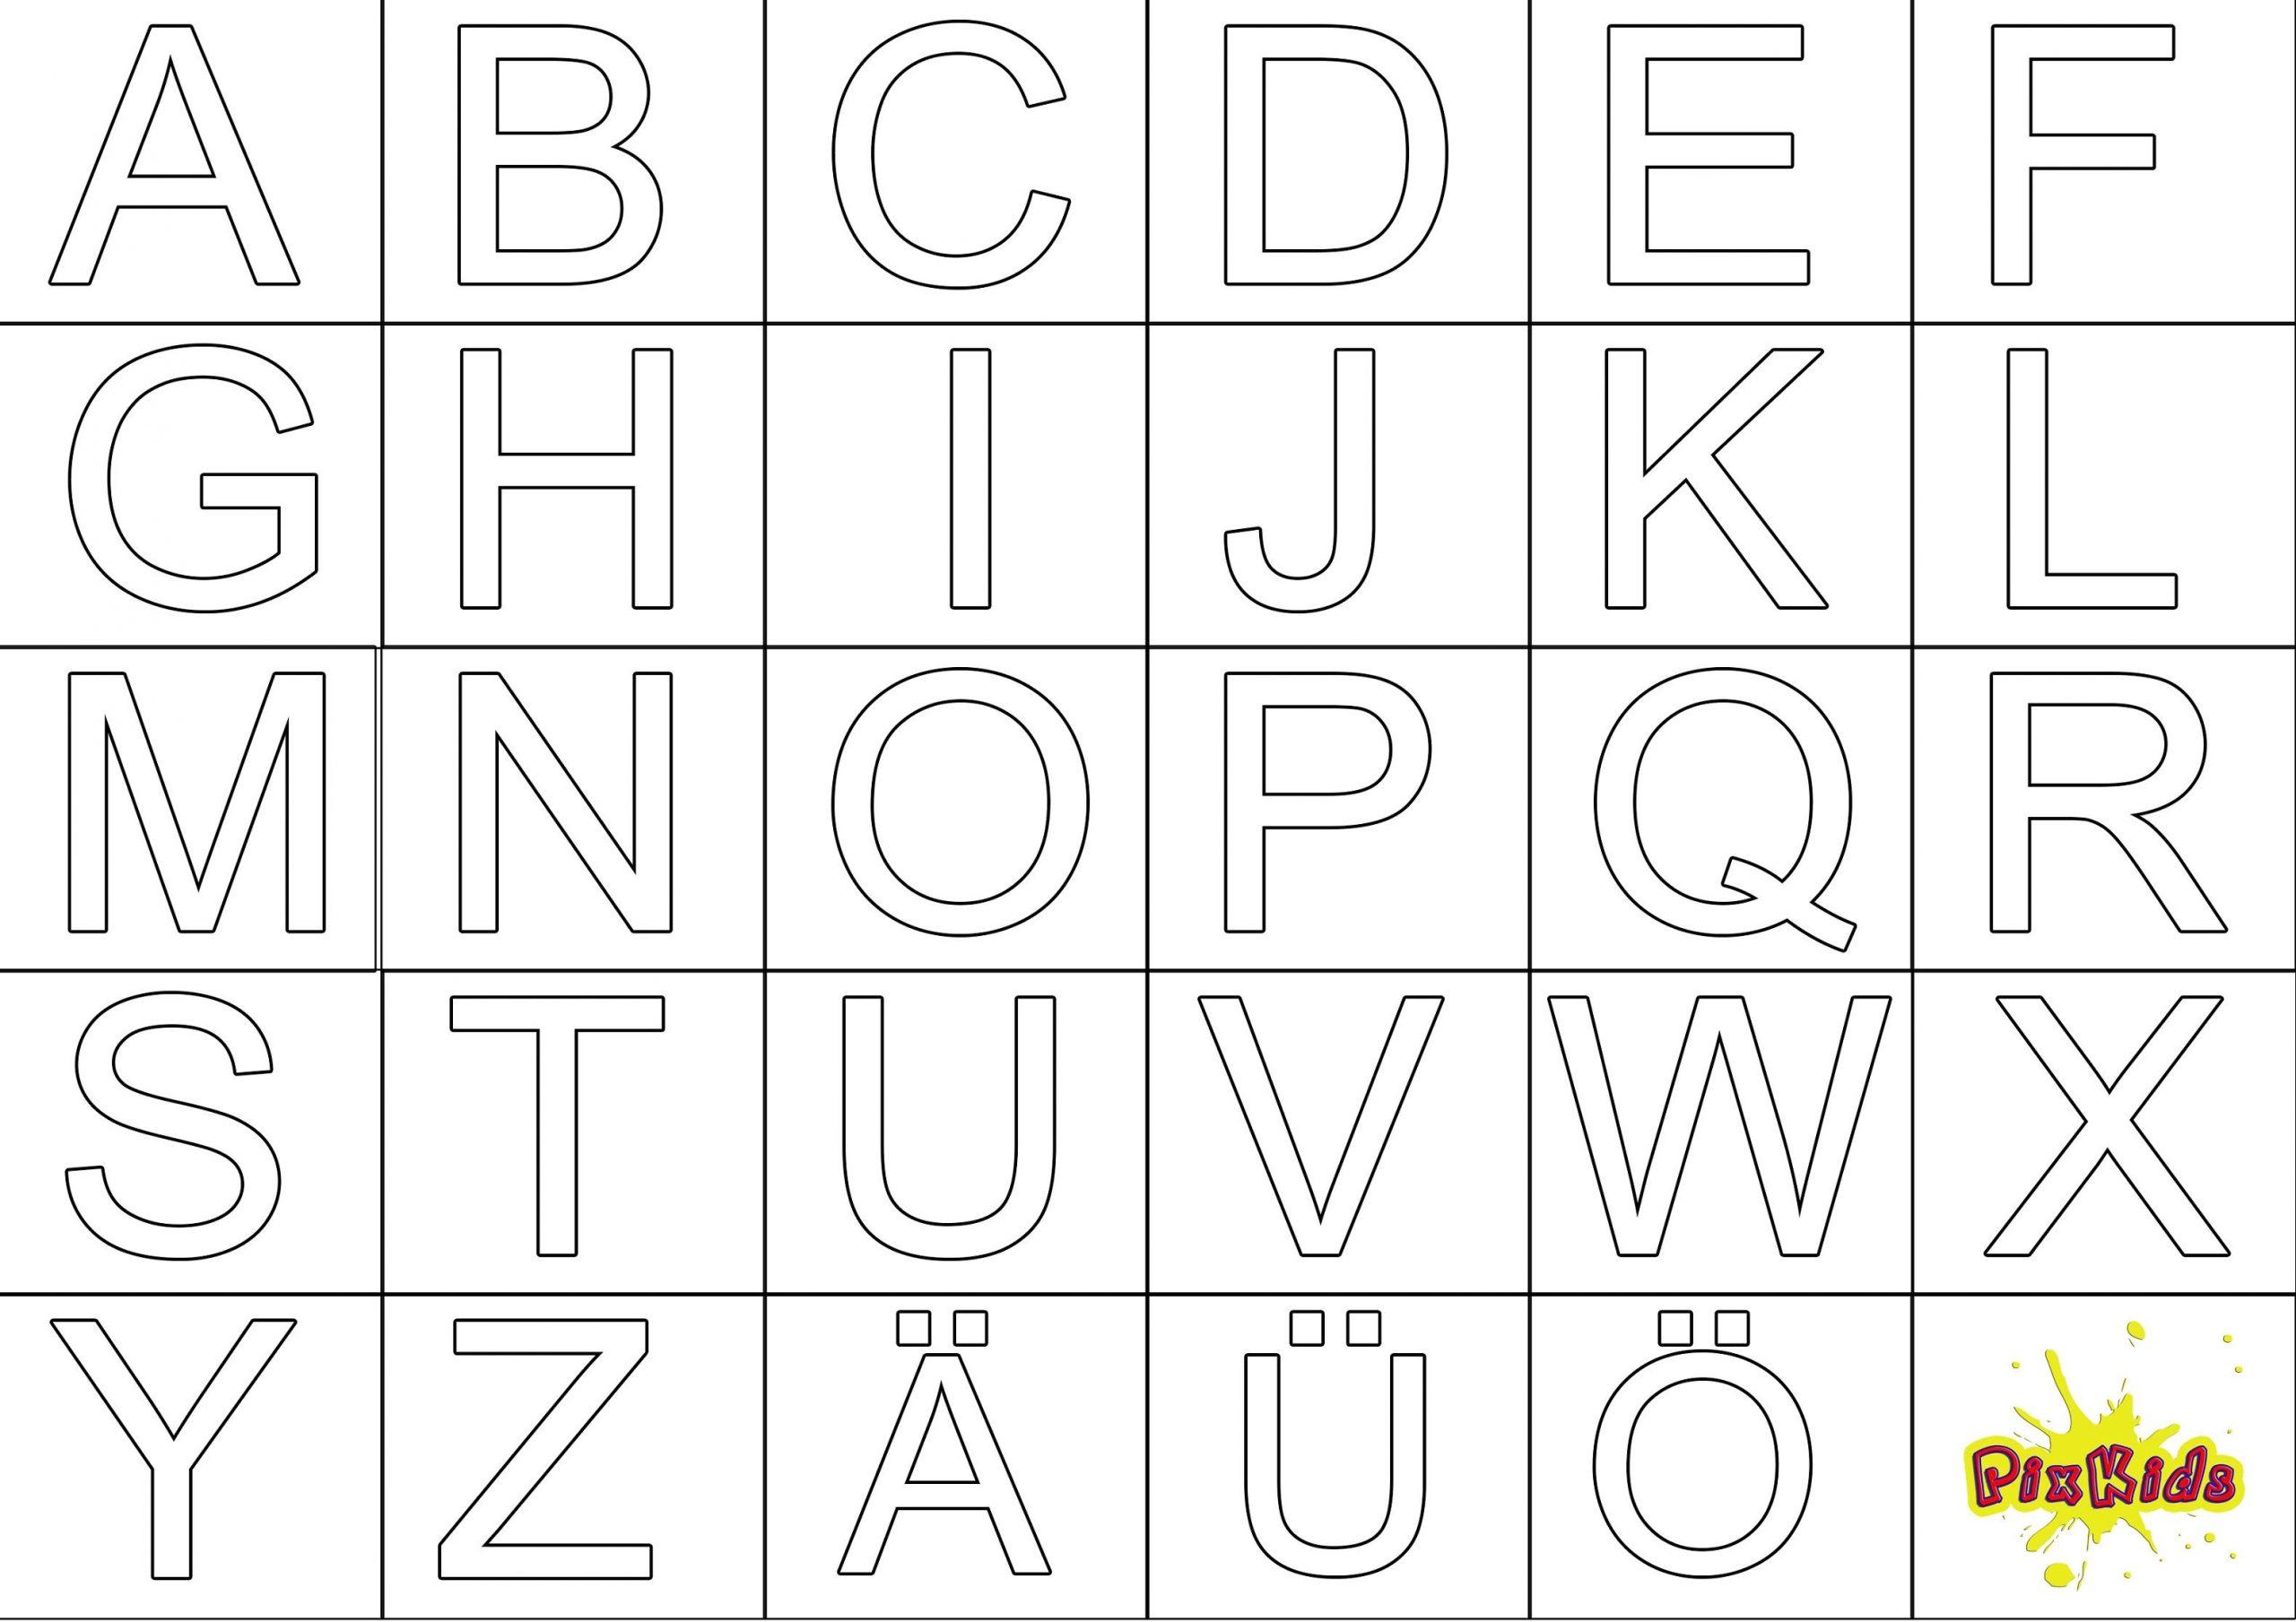 Ausmalbild Abc   Buchstaben Vorlagen Zum Ausdrucken ganzes Buchstaben Ausdrucken Gratis